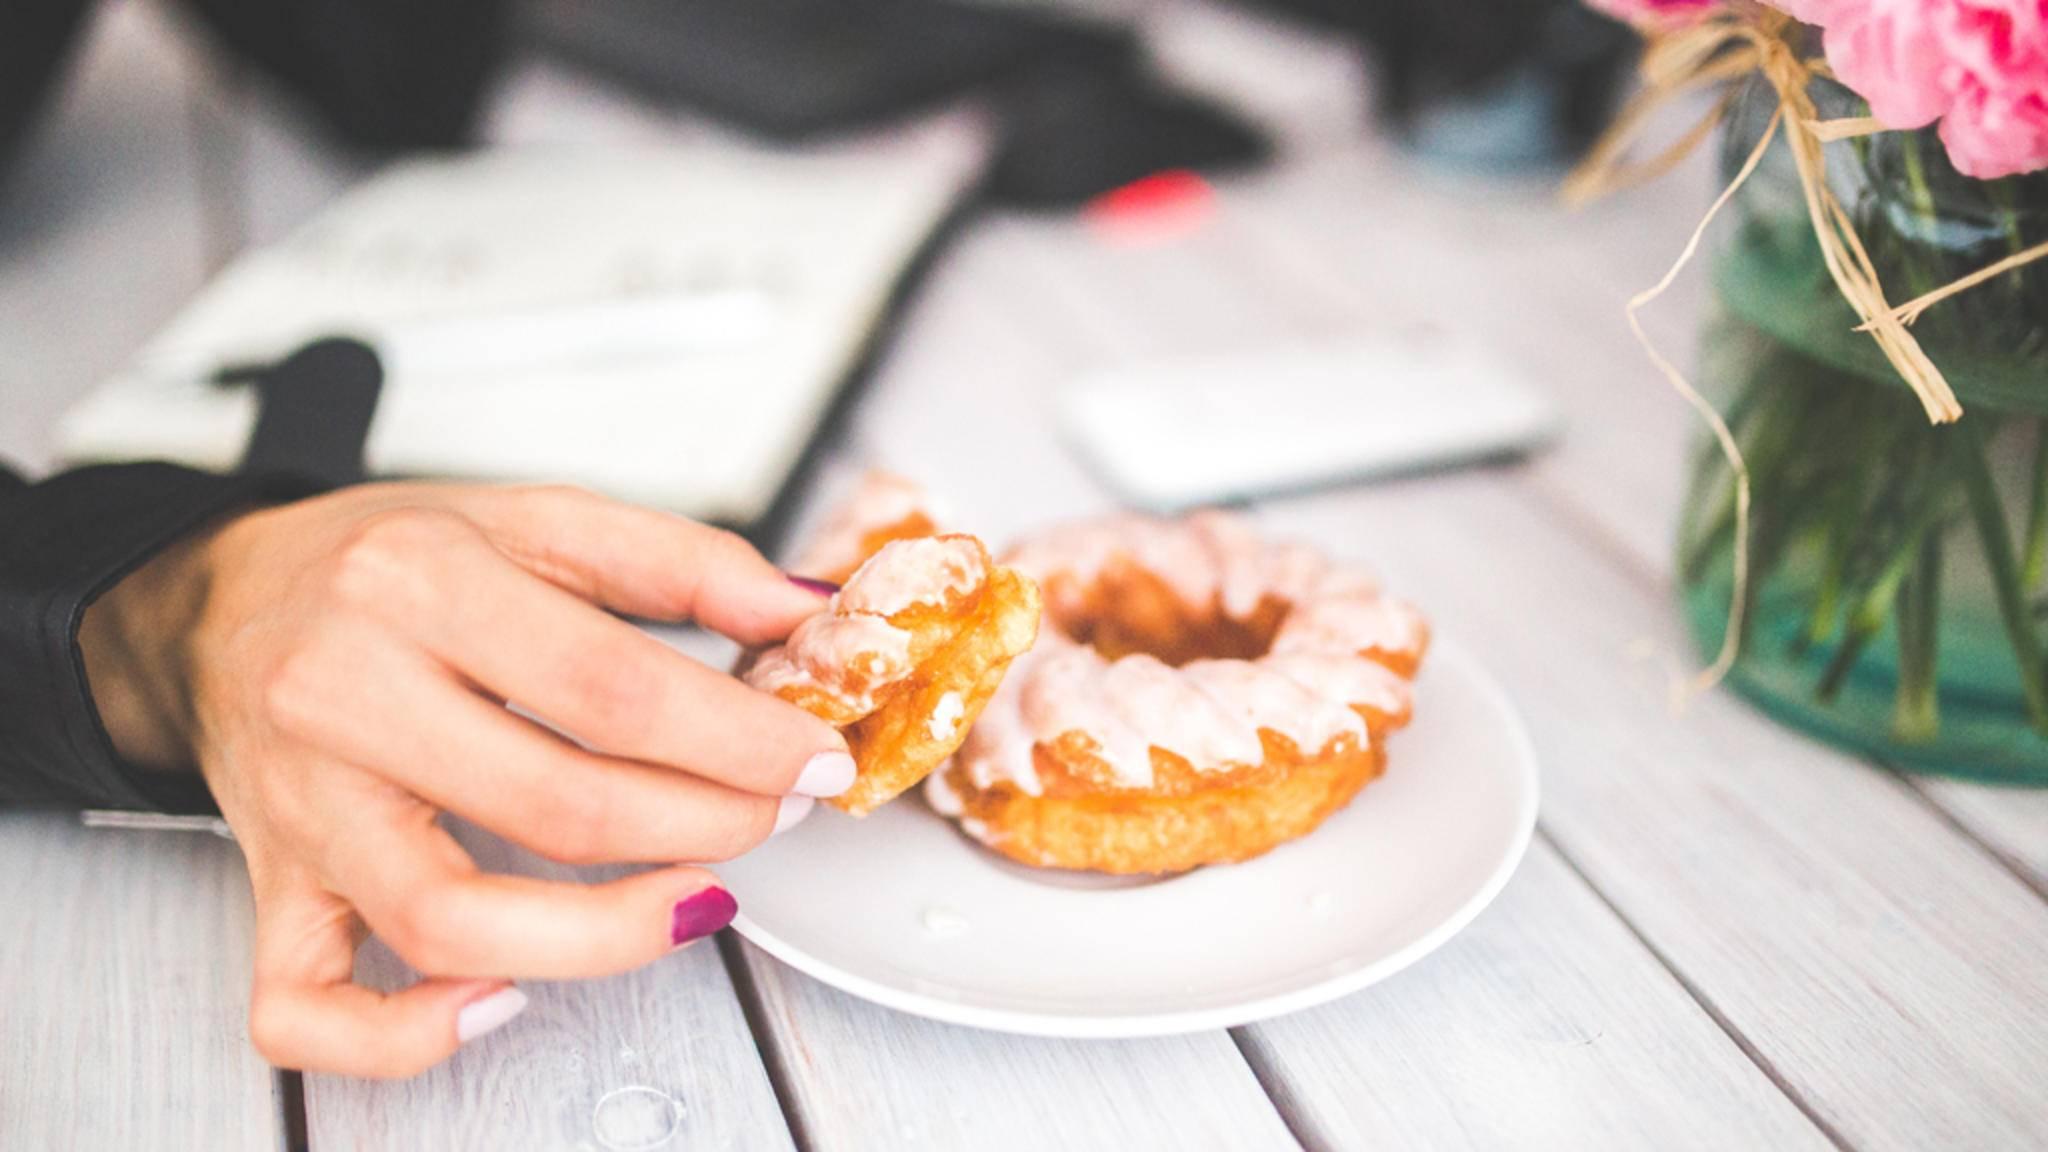 Heißhunger auf Süßes? Vielleicht helfen Dir diese neun Tricks.